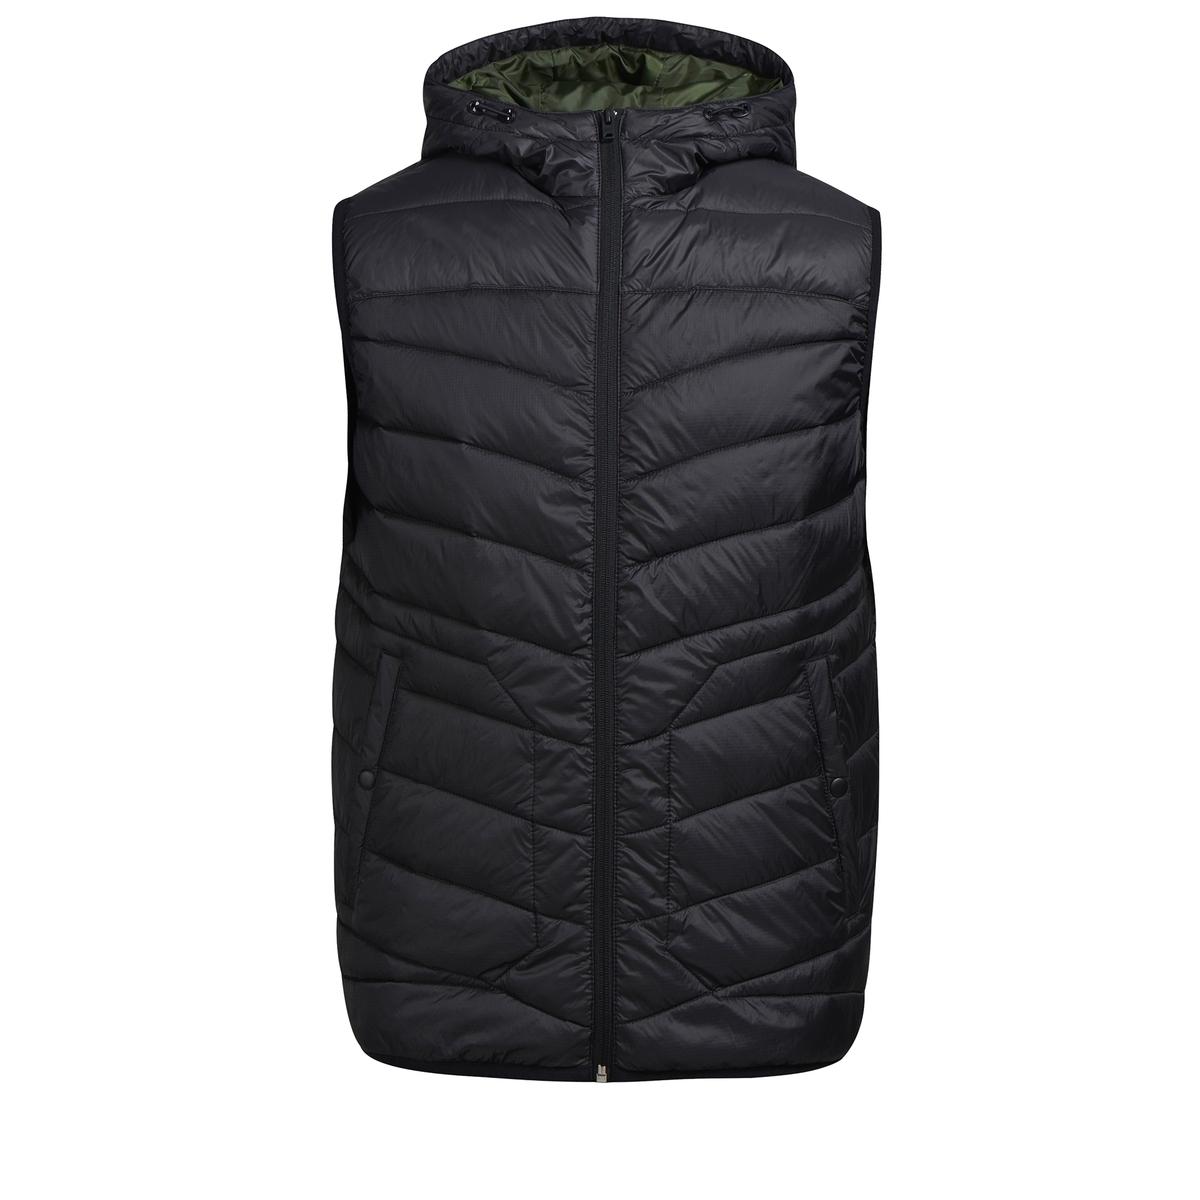 Куртка стеганаяДетали •  Длина : укороченная   •  Воротник-стойка •  Застежка на молниюСостав и уход •  100% полиамид  •  Следуйте советам по уходу, указанным на этикетке<br><br>Цвет: черный<br>Размер: XL